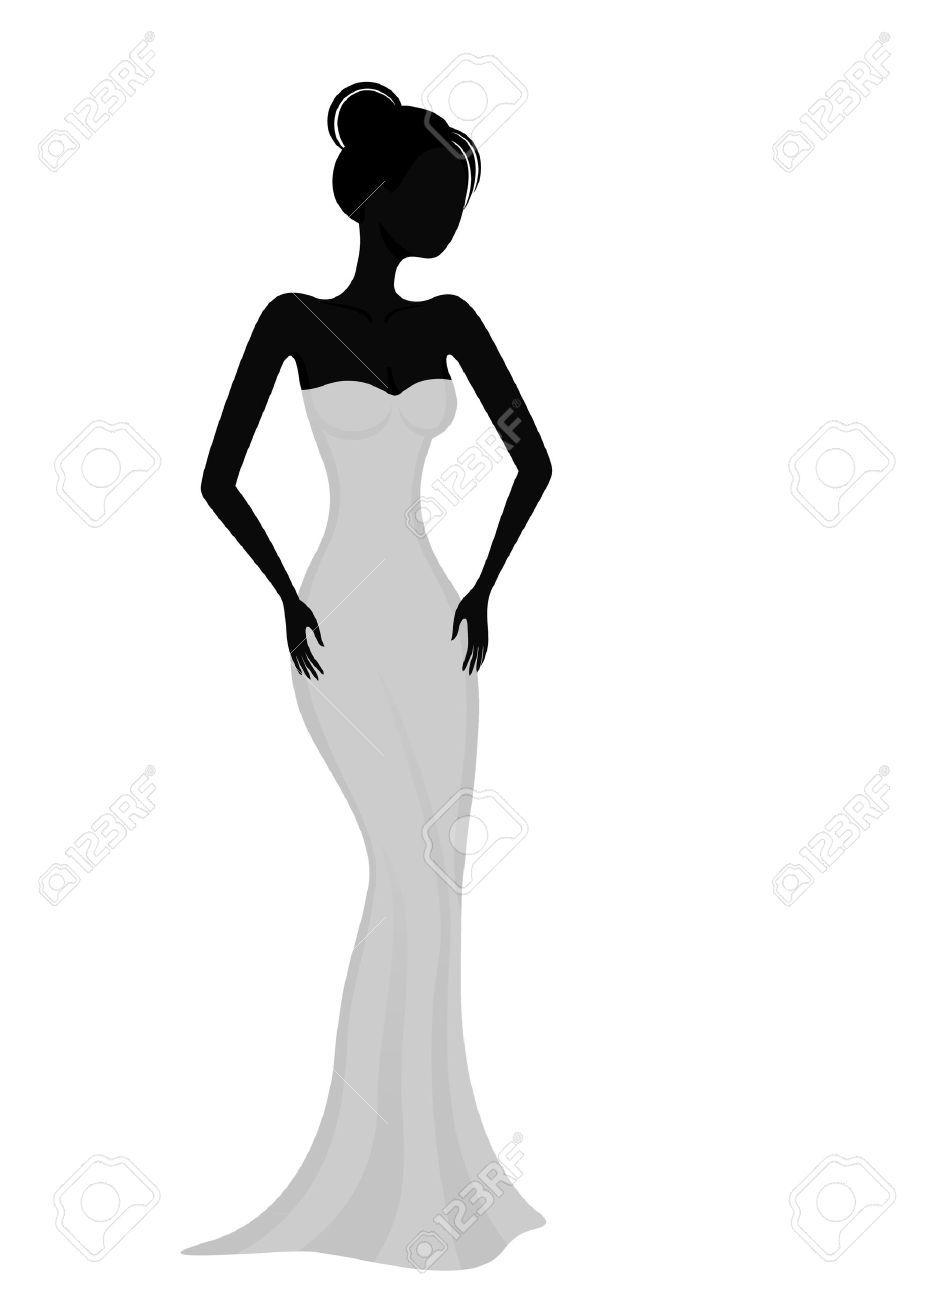 Resultado de imagen para silueta de mujer con vestido elegante ...